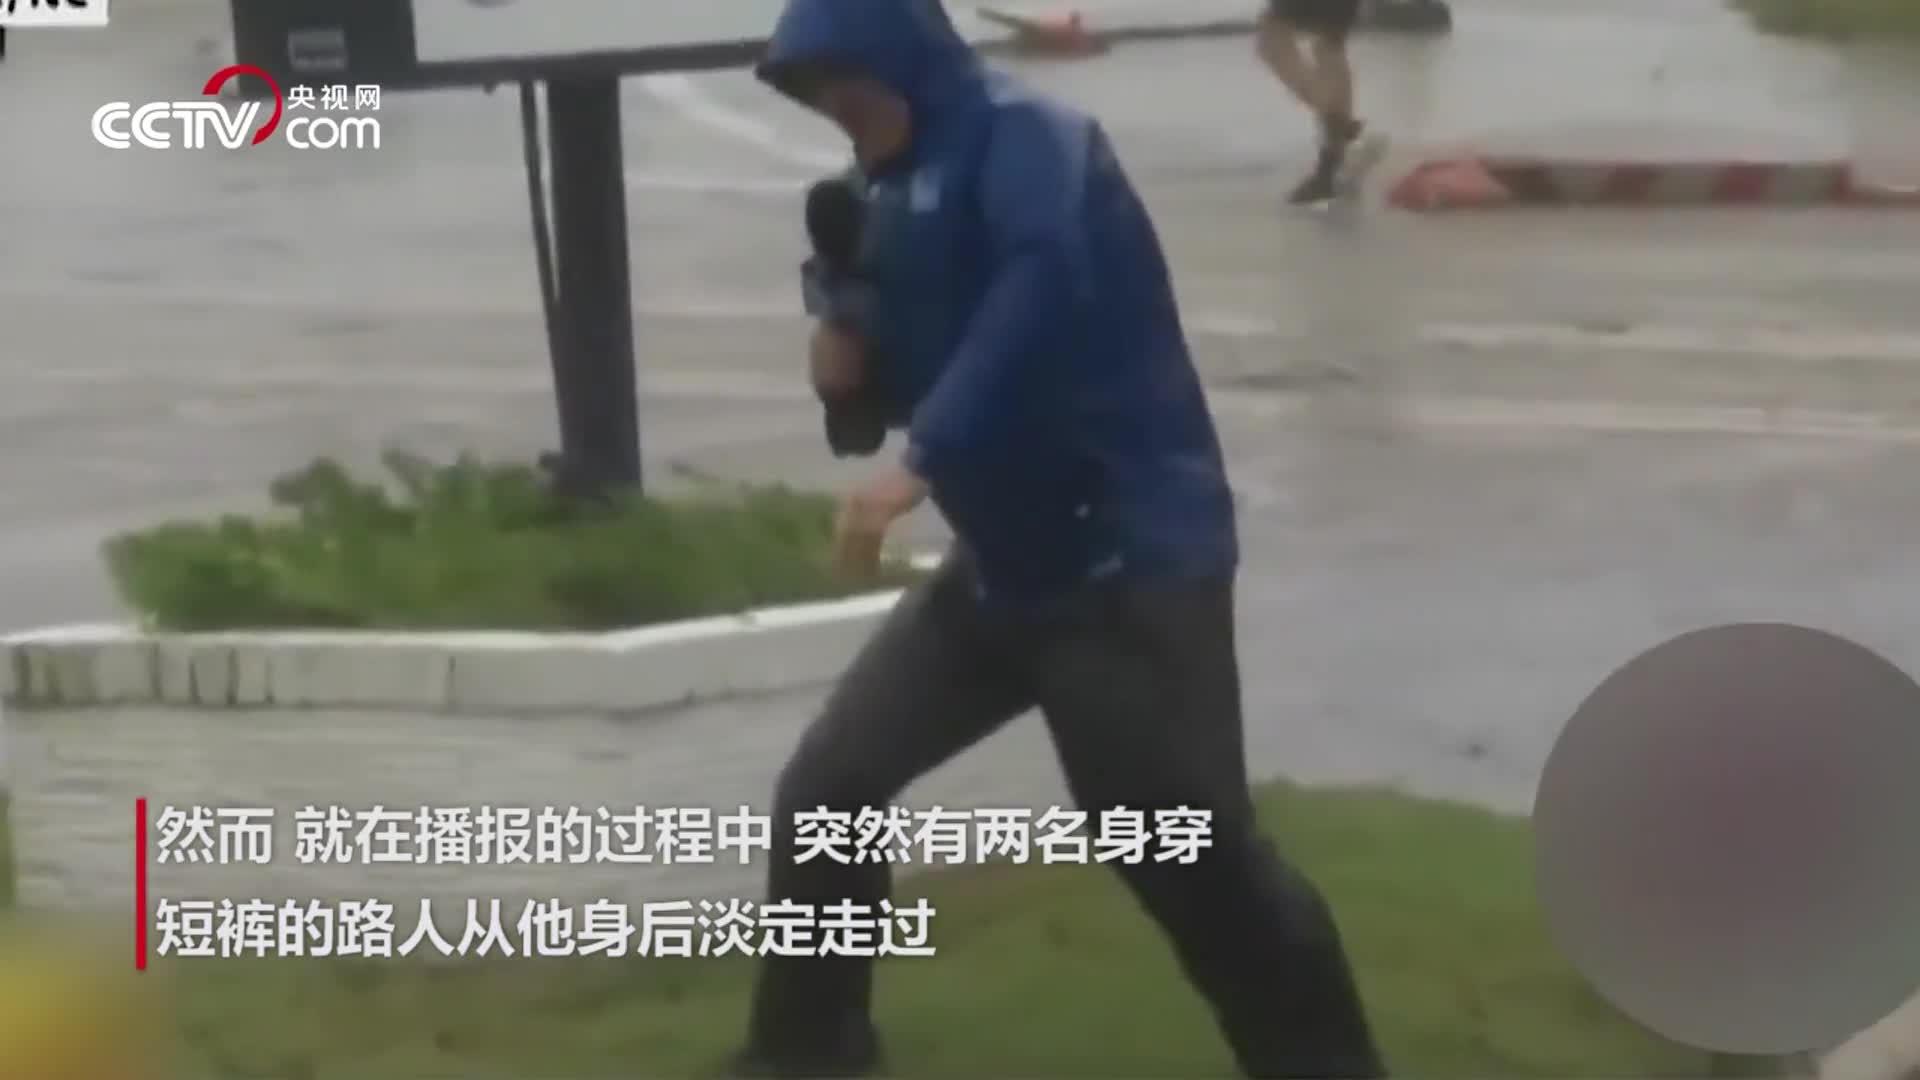 """尴尬!美记者直播飓风""""表演""""站不稳 路人淡定走过瞬间露馅"""